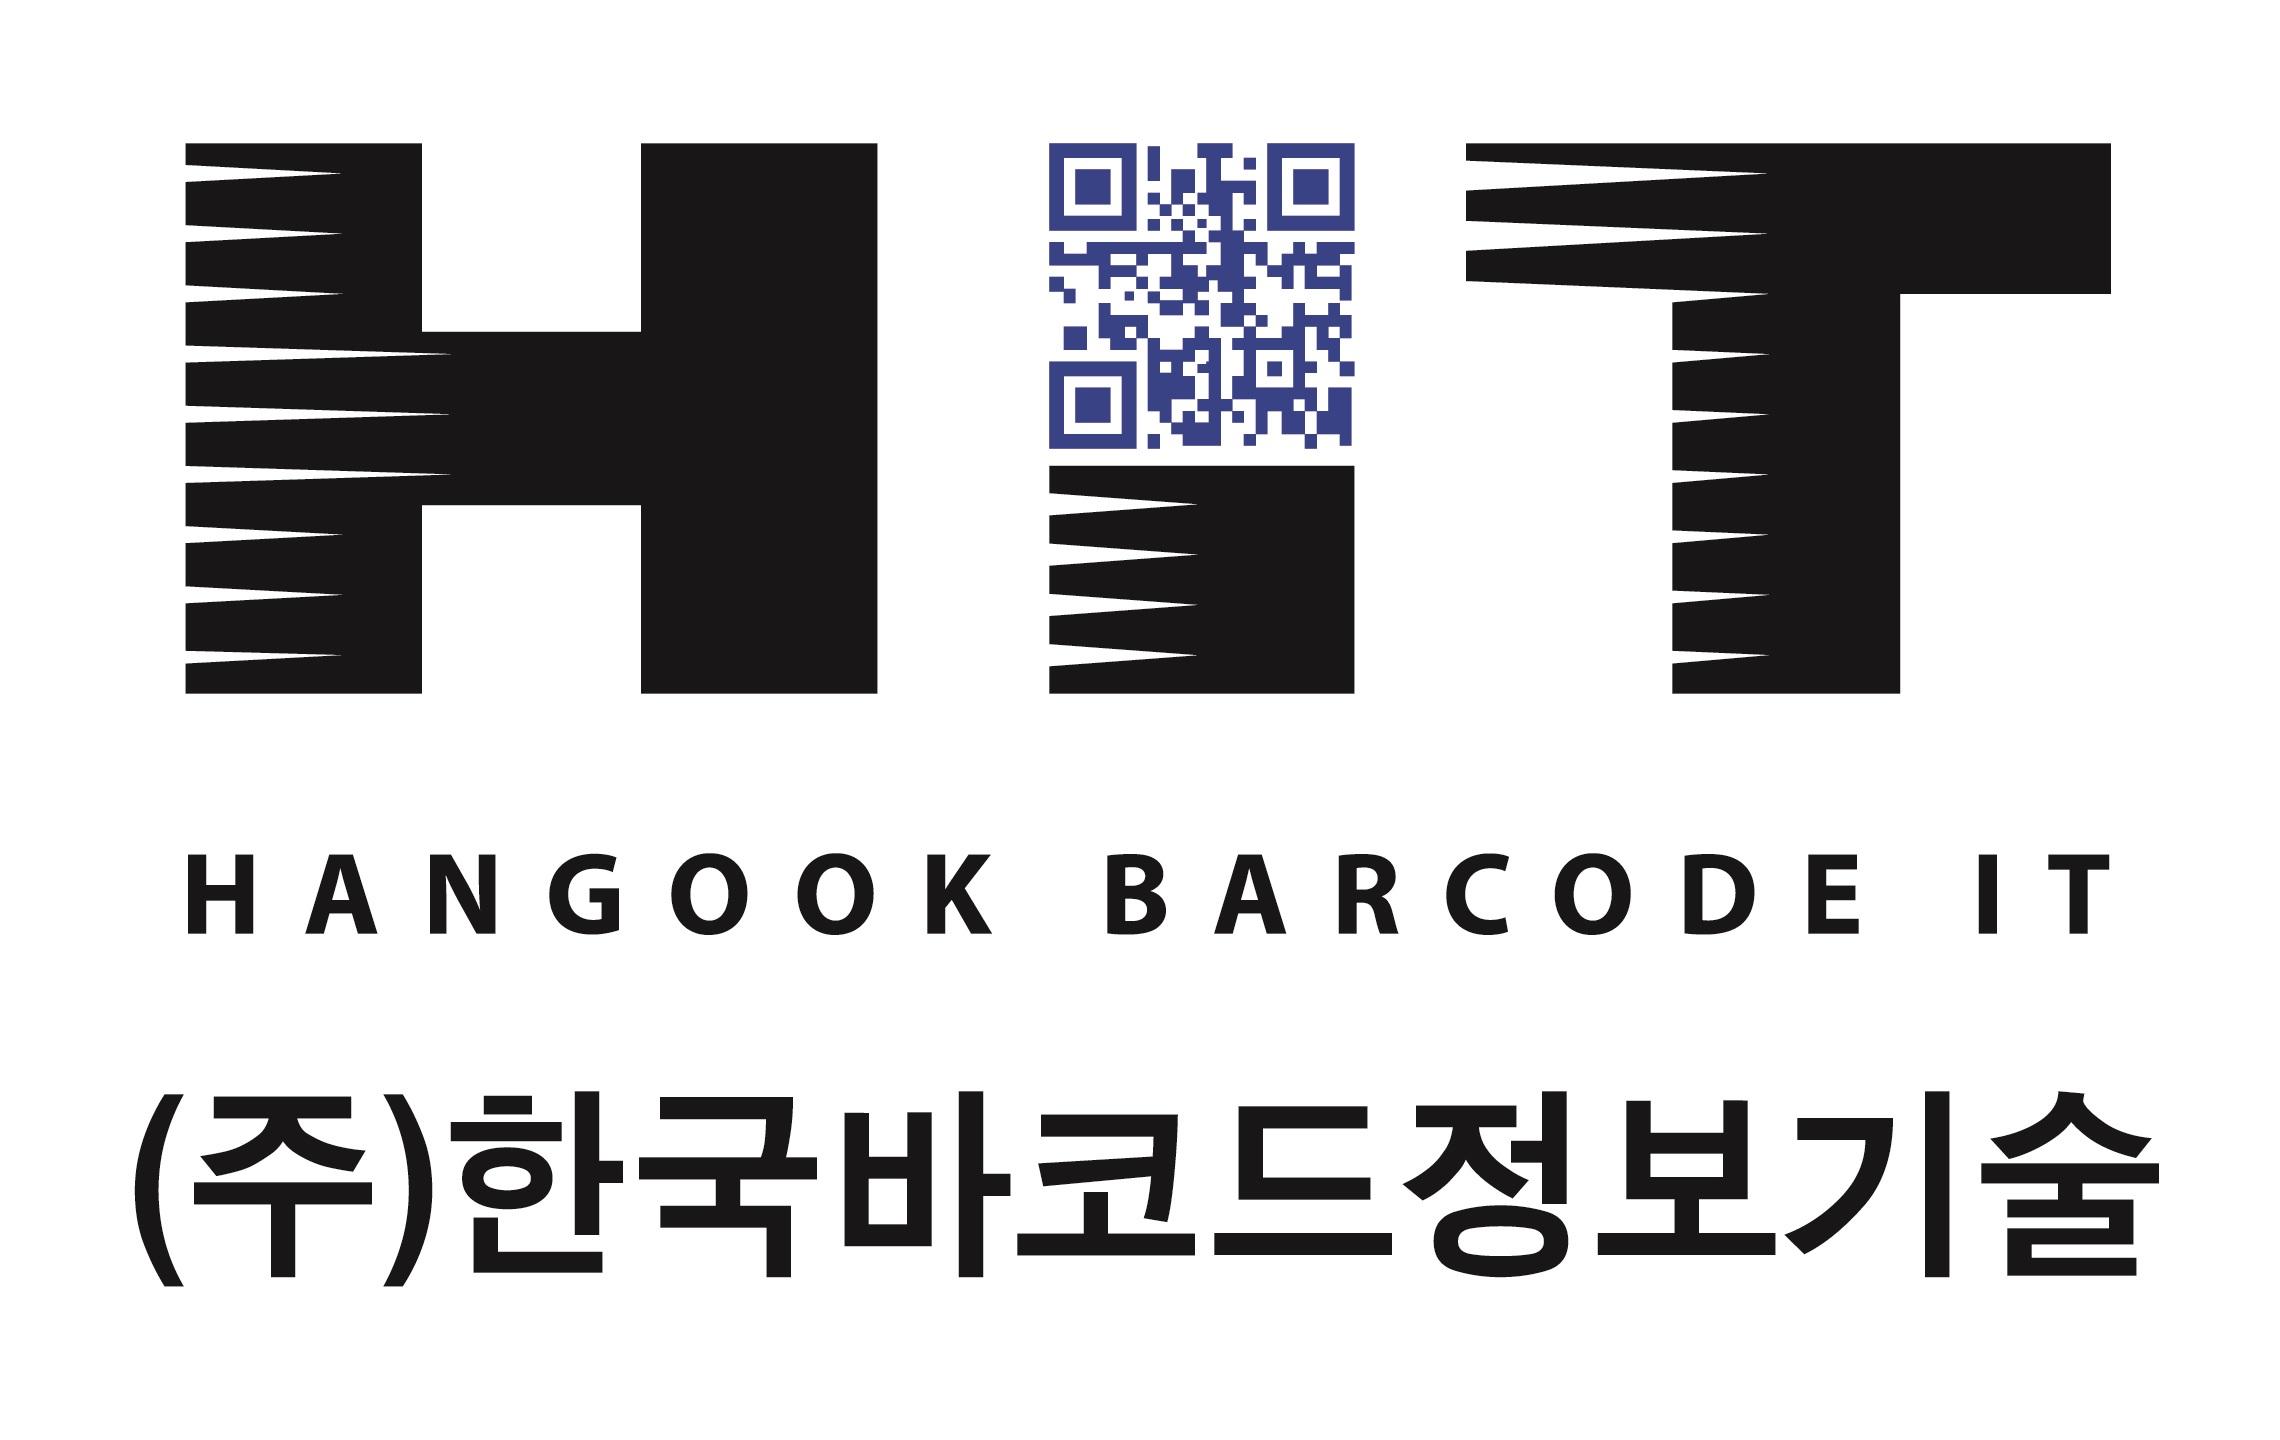 (주)한국바코드정보기술의 기업로고